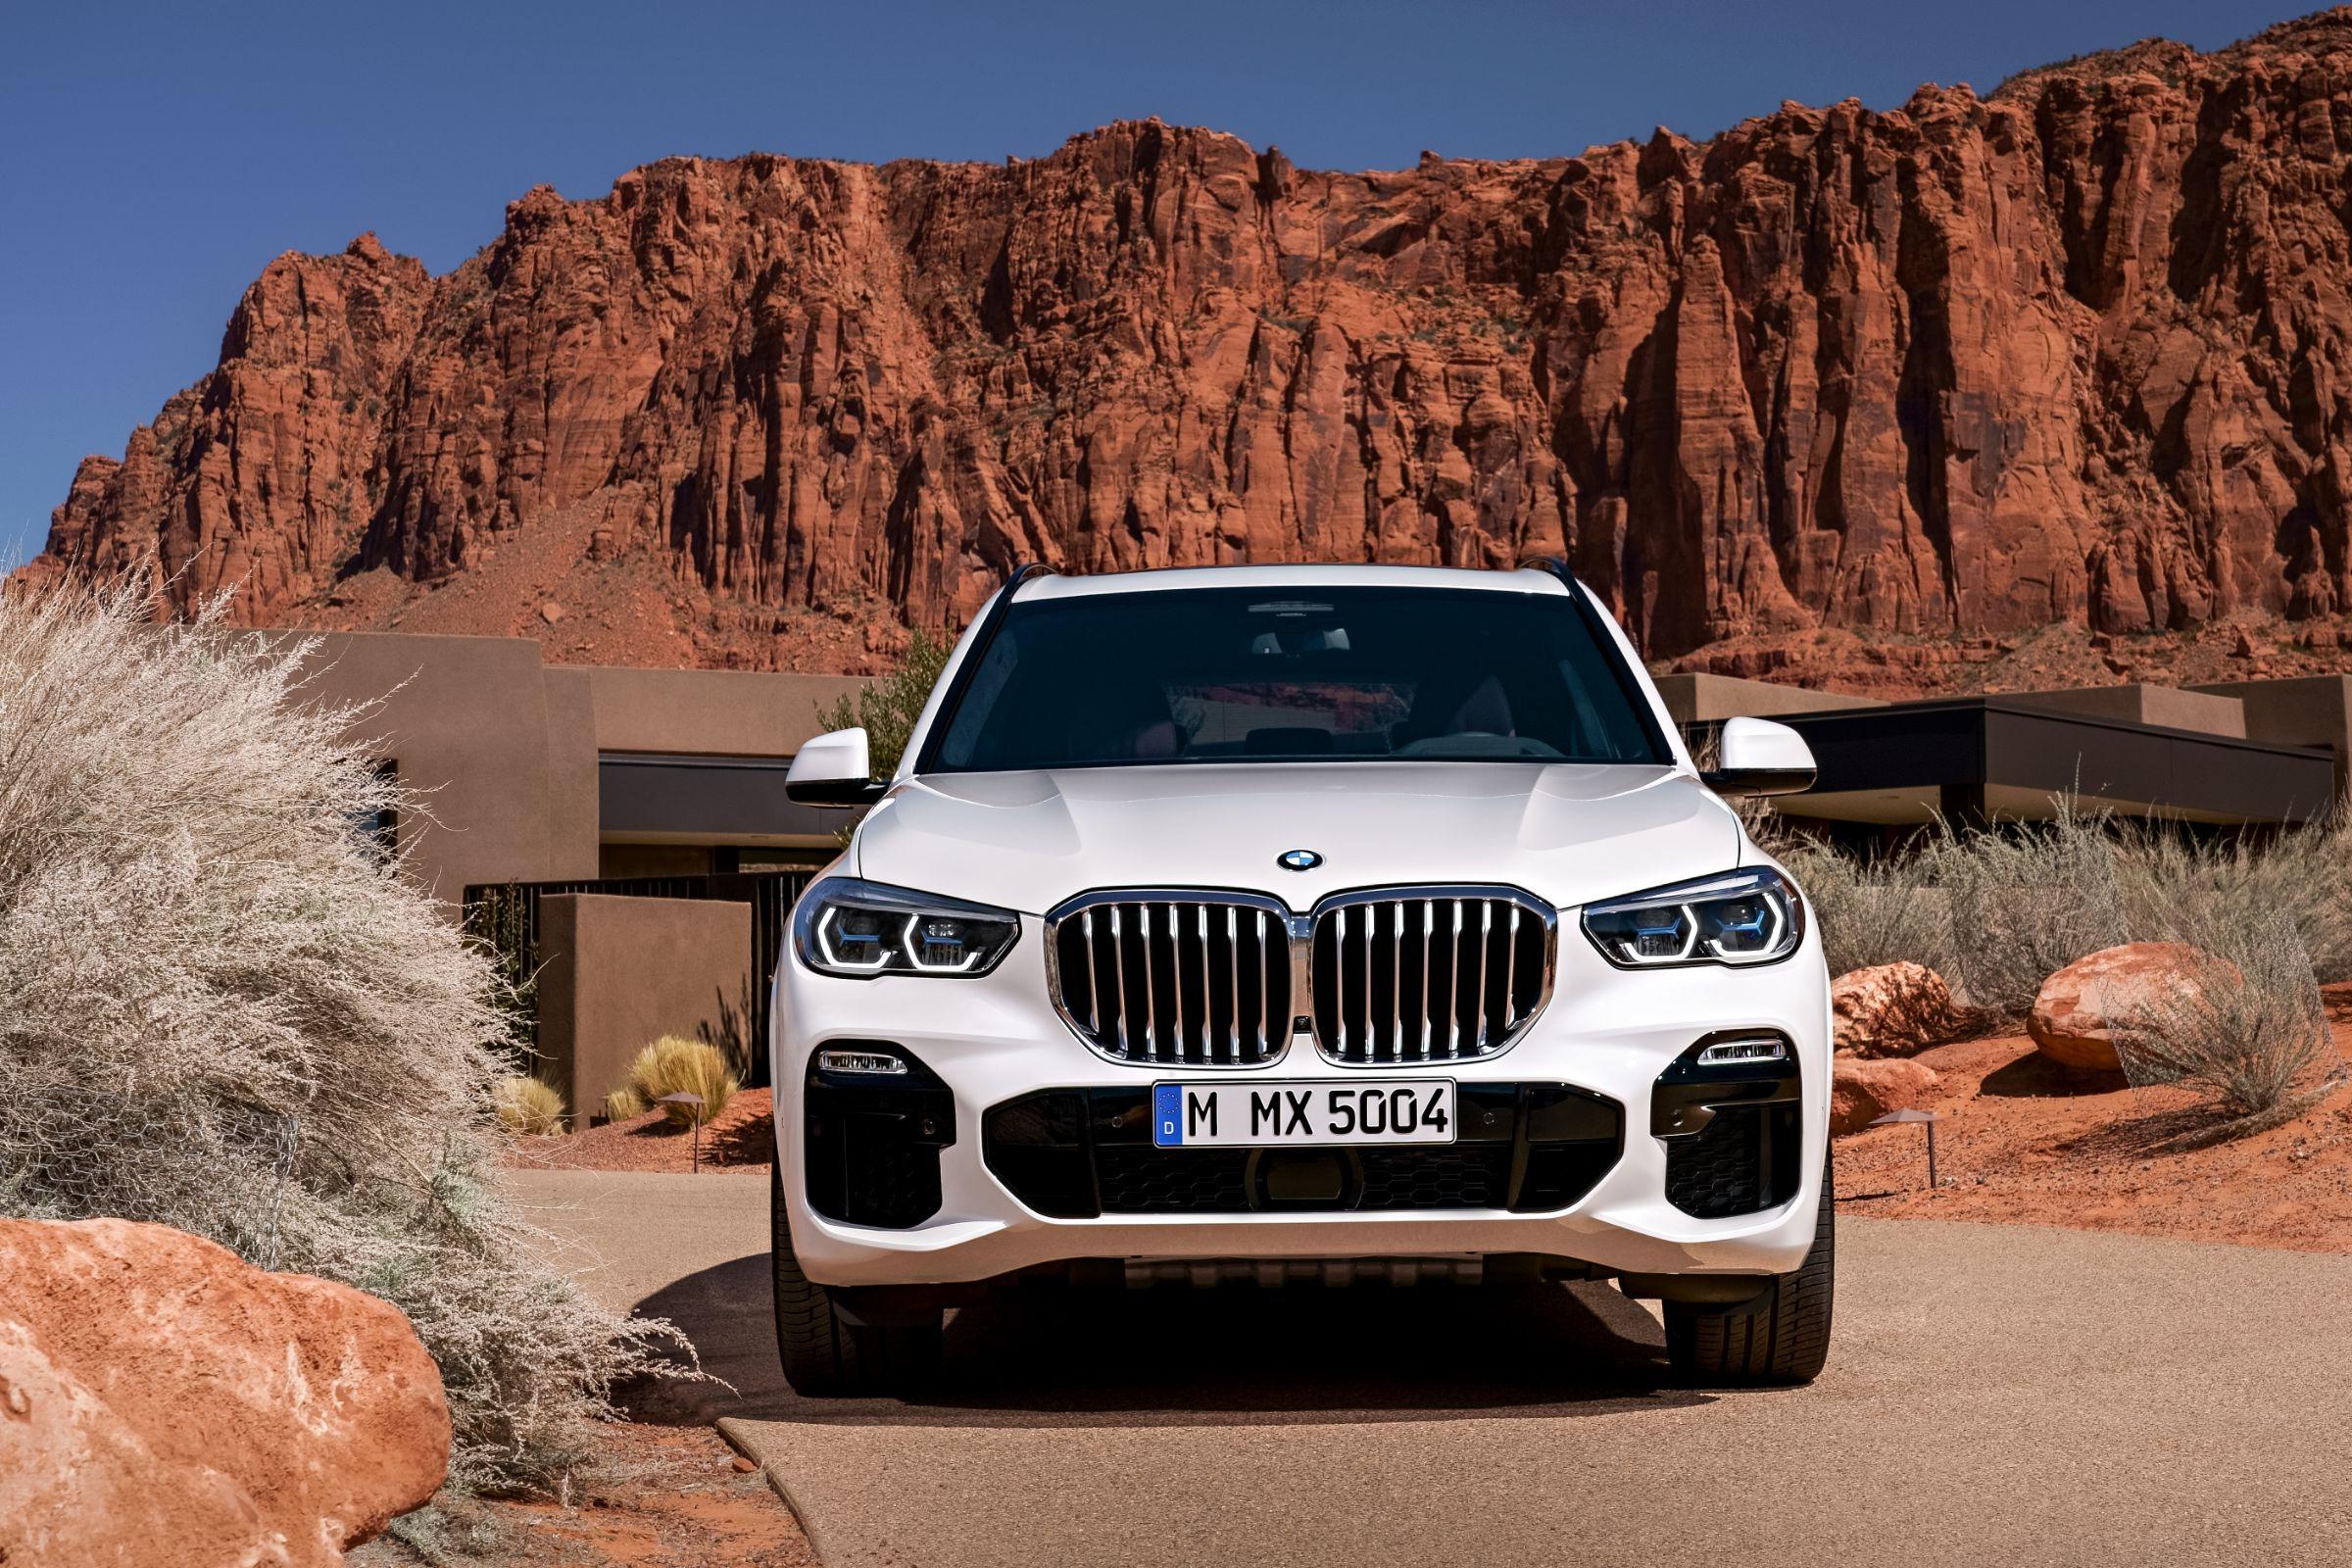 Novo BMW X5 será vendido no Brasil com preço inicial de R$ 450 mil. Modelo está maior, mais conectado e oferece duas opções de motorização.